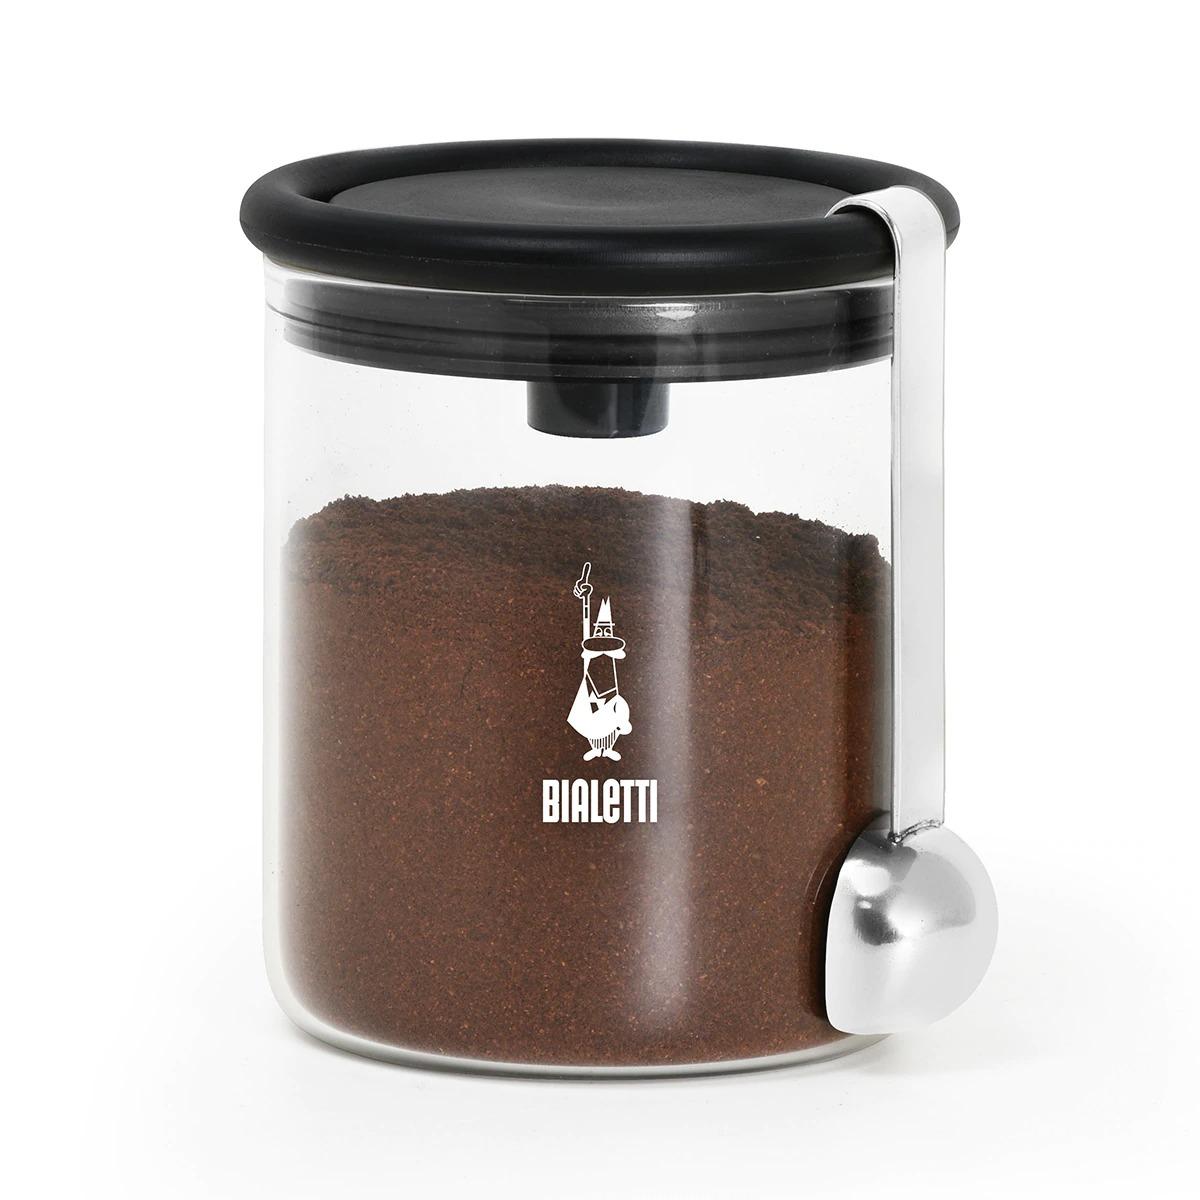 Tarro de cristal para café con dosificador